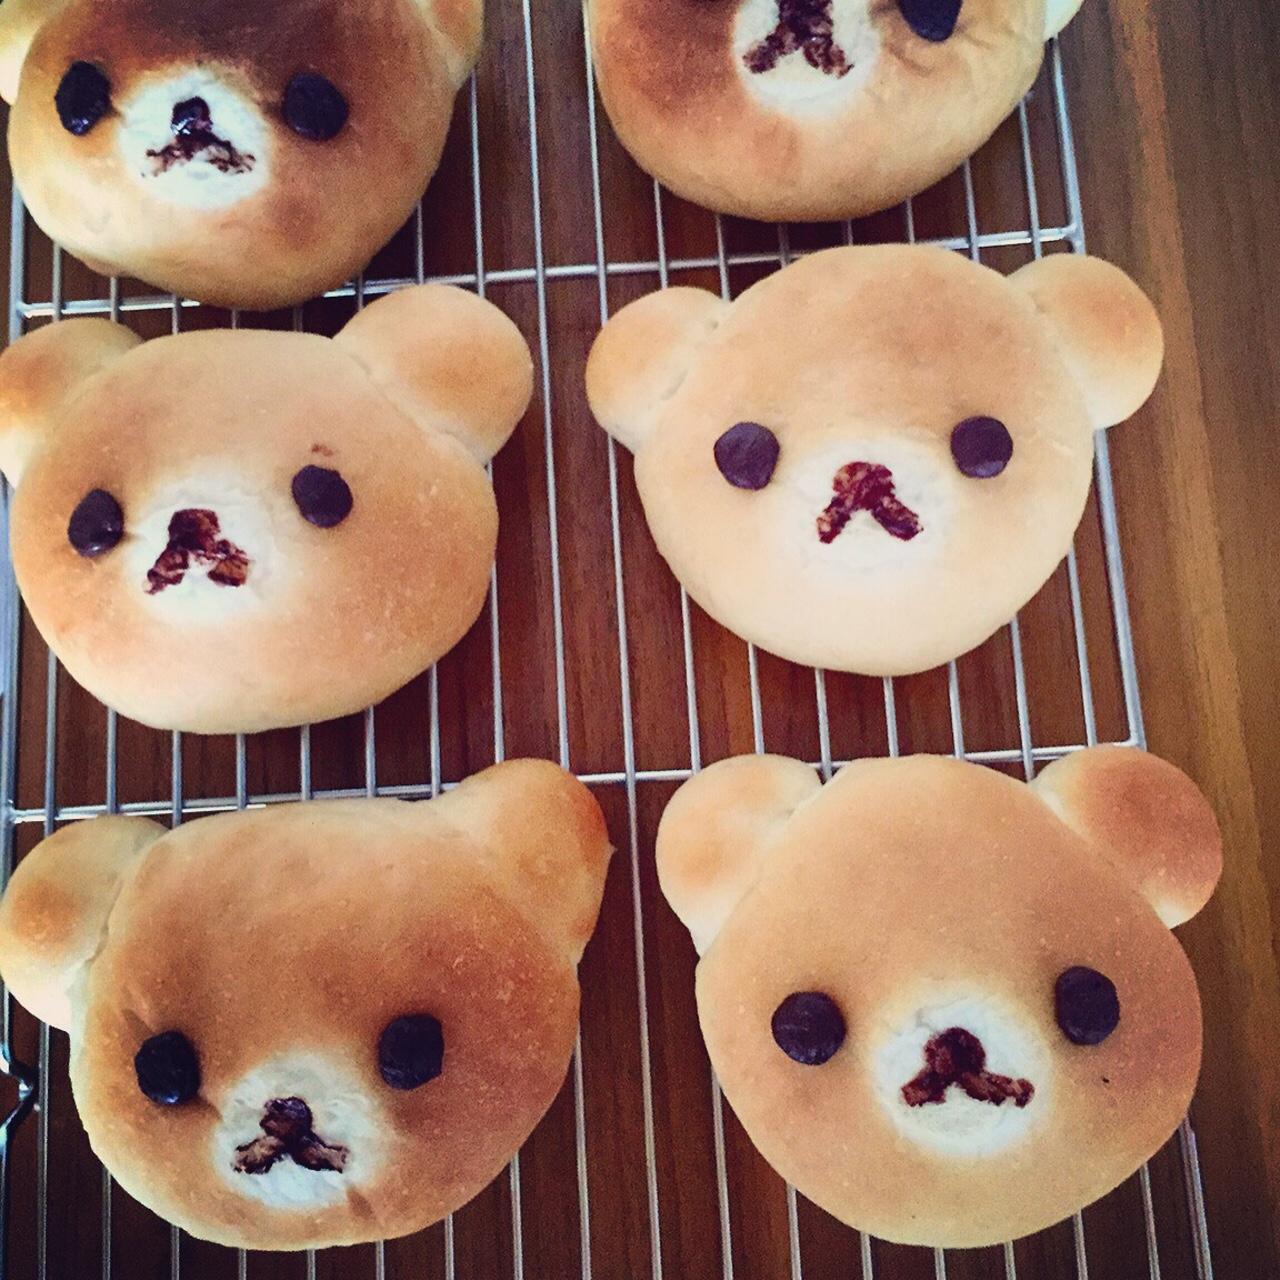 [麵包機]可愛指數爆表拉拉熊麵包